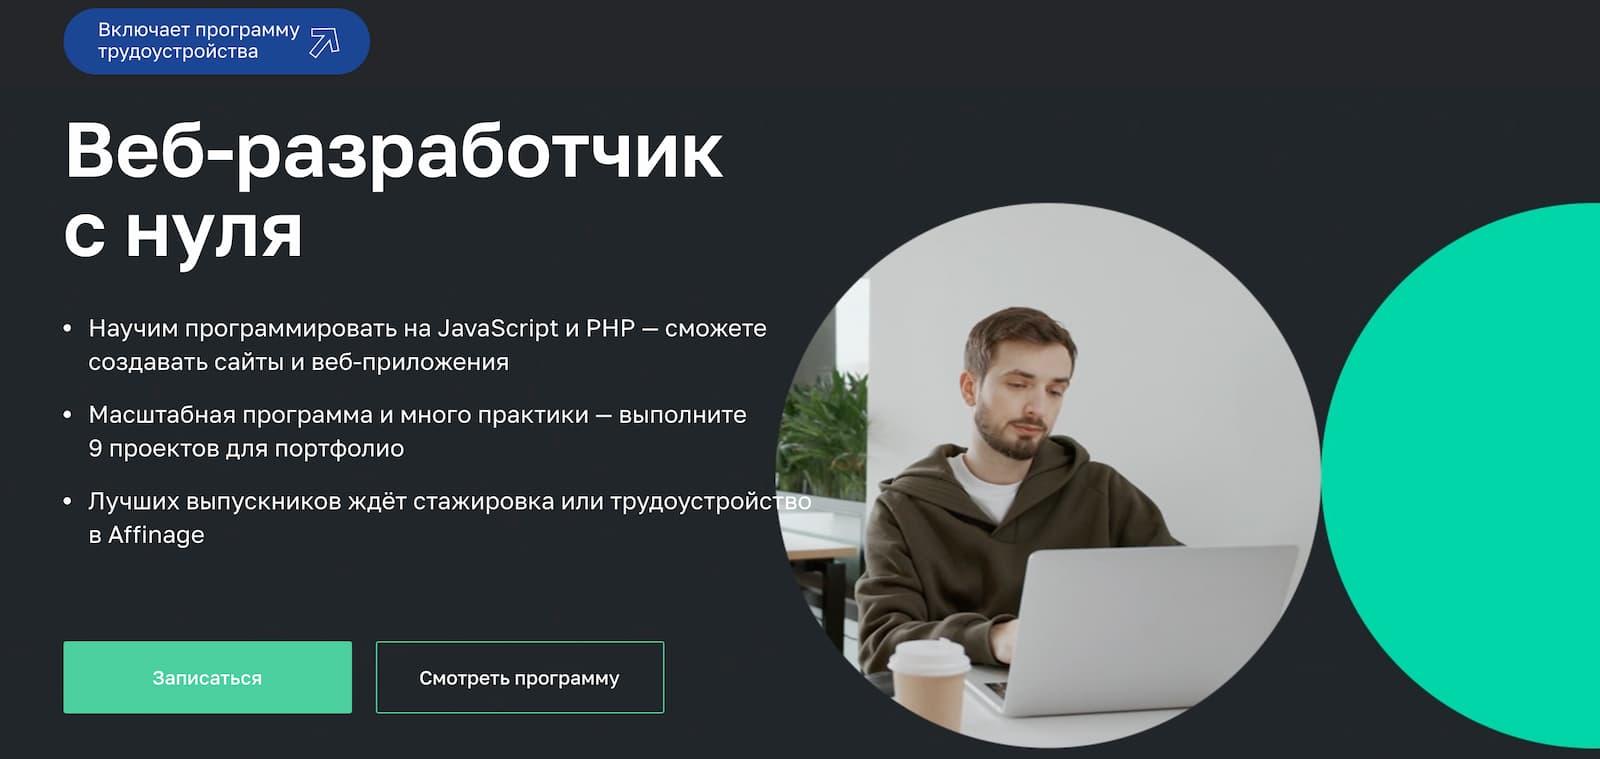 Записаться на курс «Веб-разработчик с нуля» от Нетологии